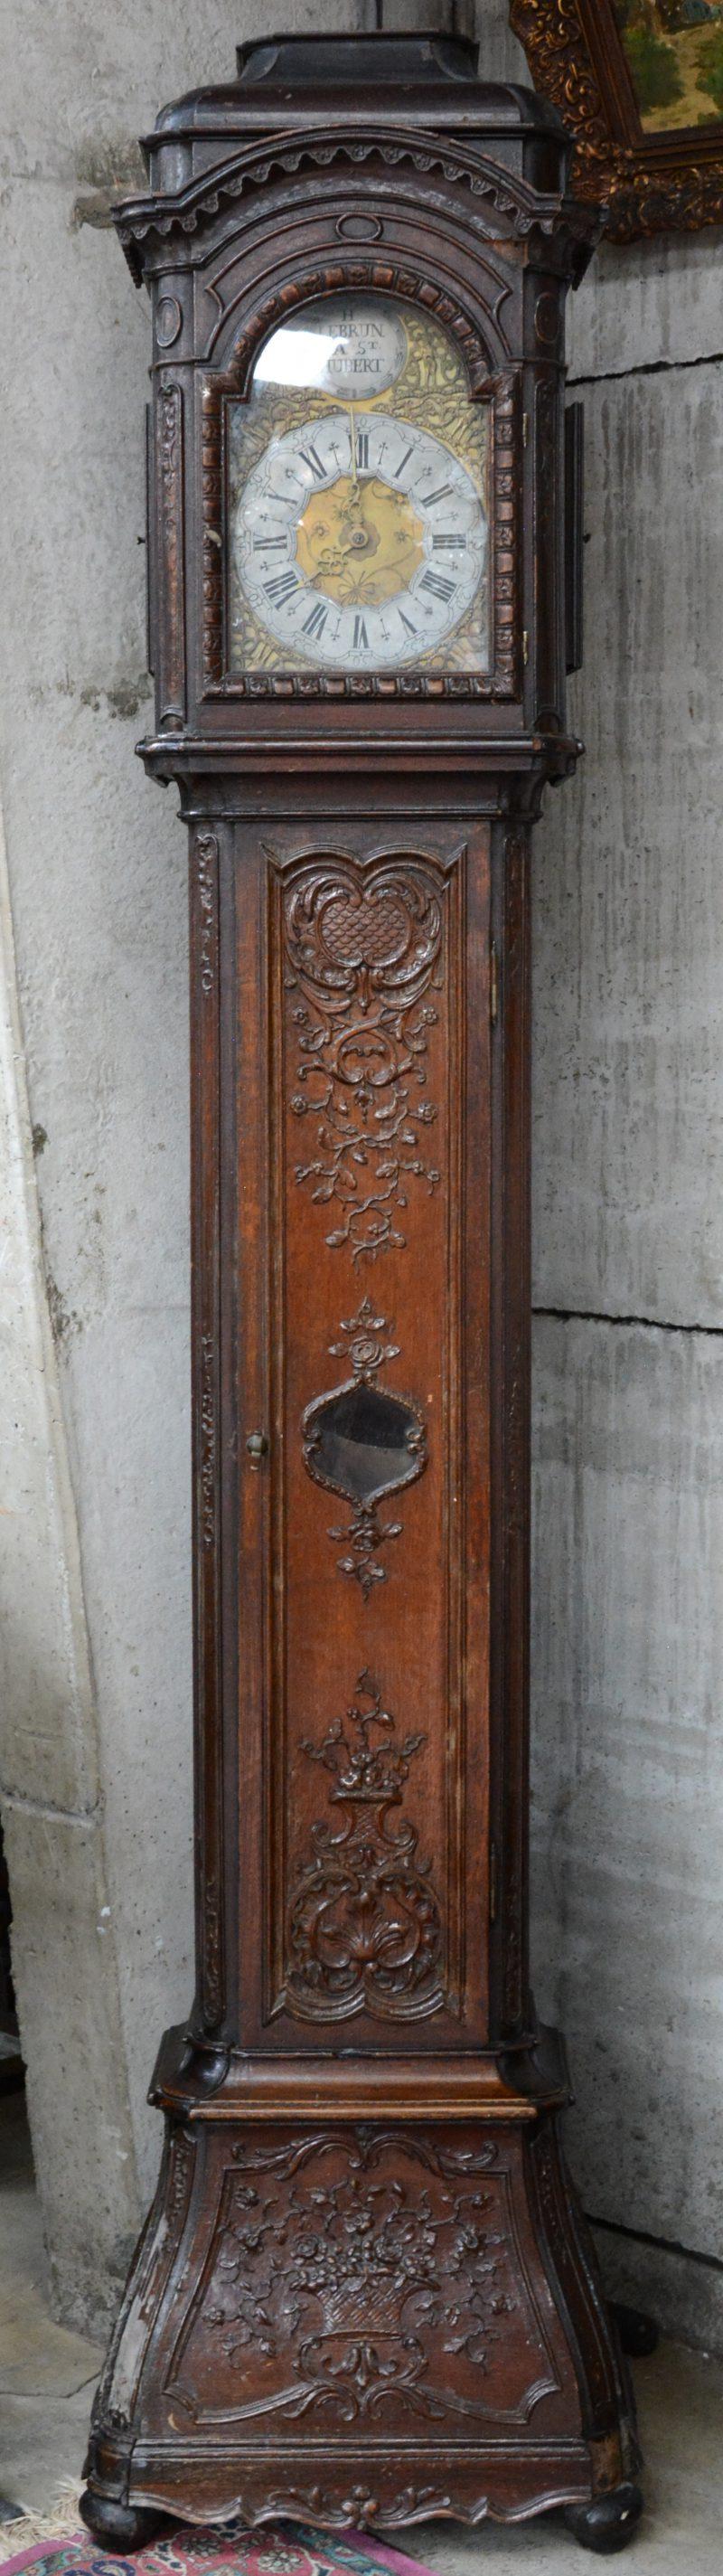 Een staande klok met gesculpteerd eikenhouten kast, versierd met bloementuilen en barokke motieven. De wijzerplaat gemerkt. Omstreeks 1800. Vernis onderaan beschadigd en kleine herstelling aan een hoekje.